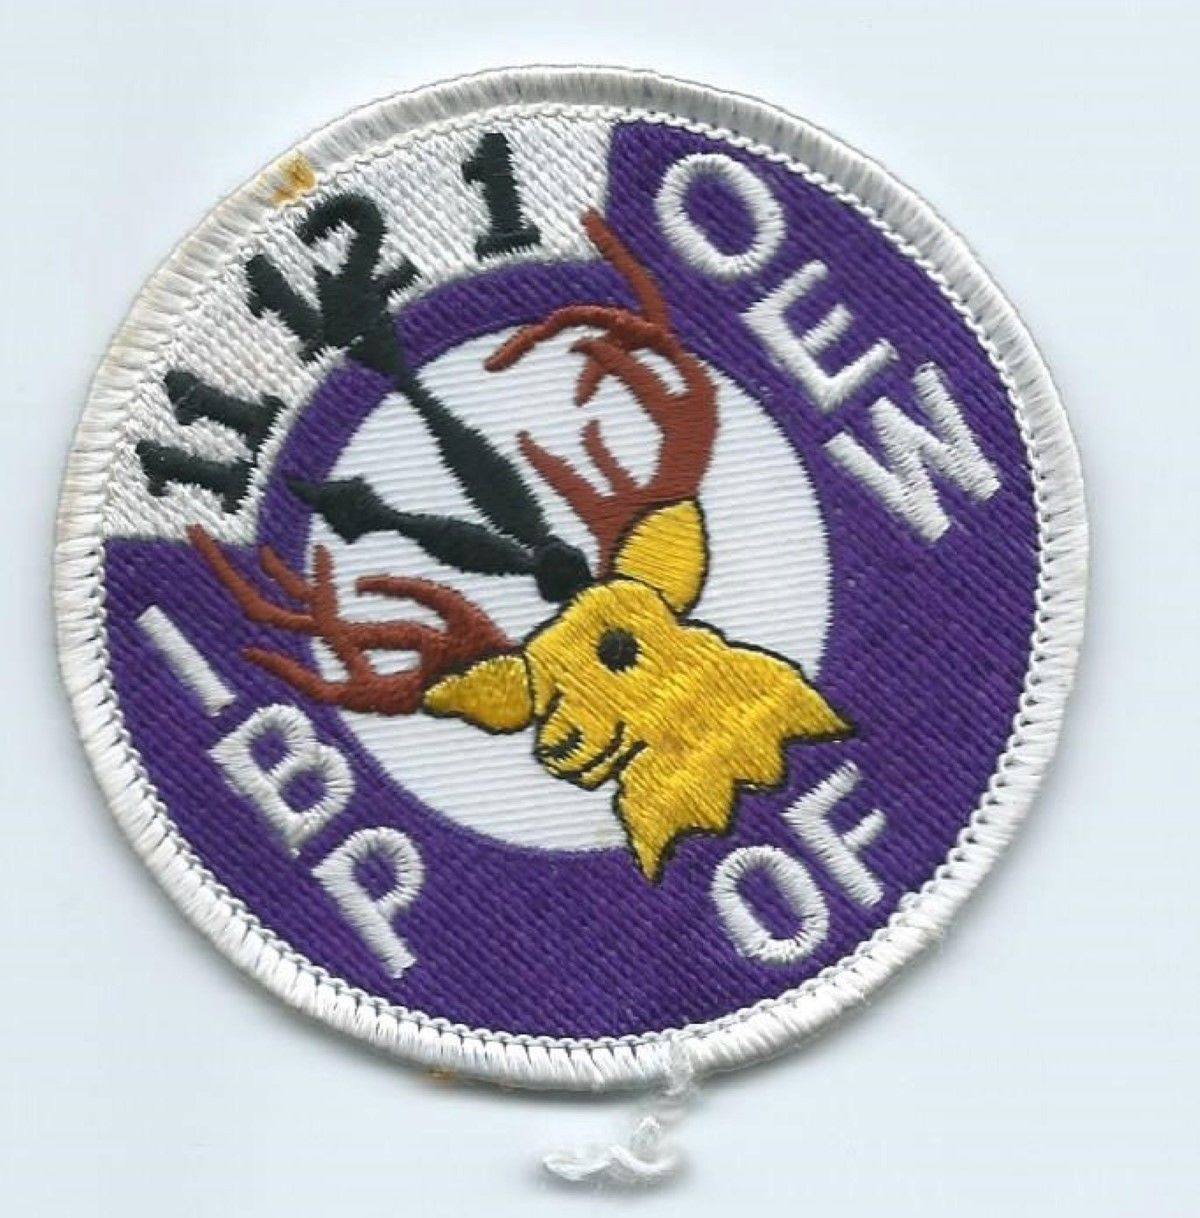 ELKS IBP of OEW patch #1527